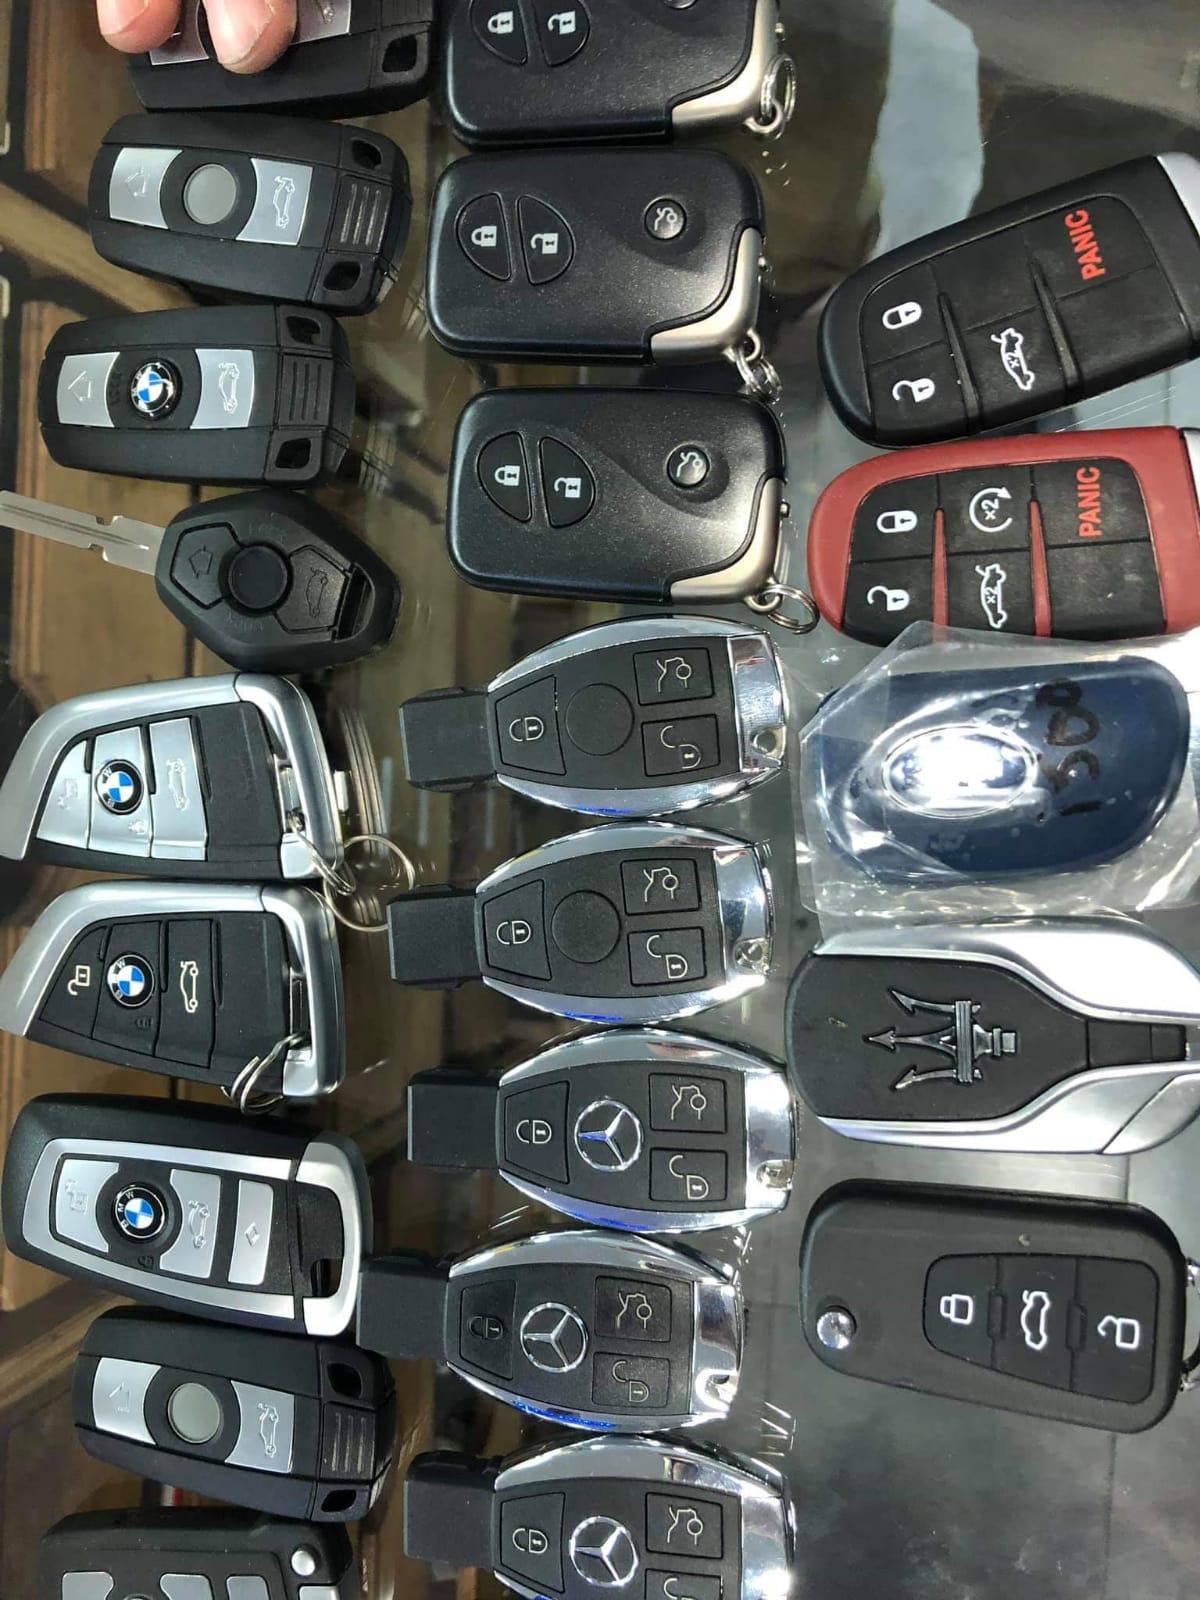 אדיר שירותי רכב, כל סוגי המפתחות תמיד במלאי. צילום עצמי